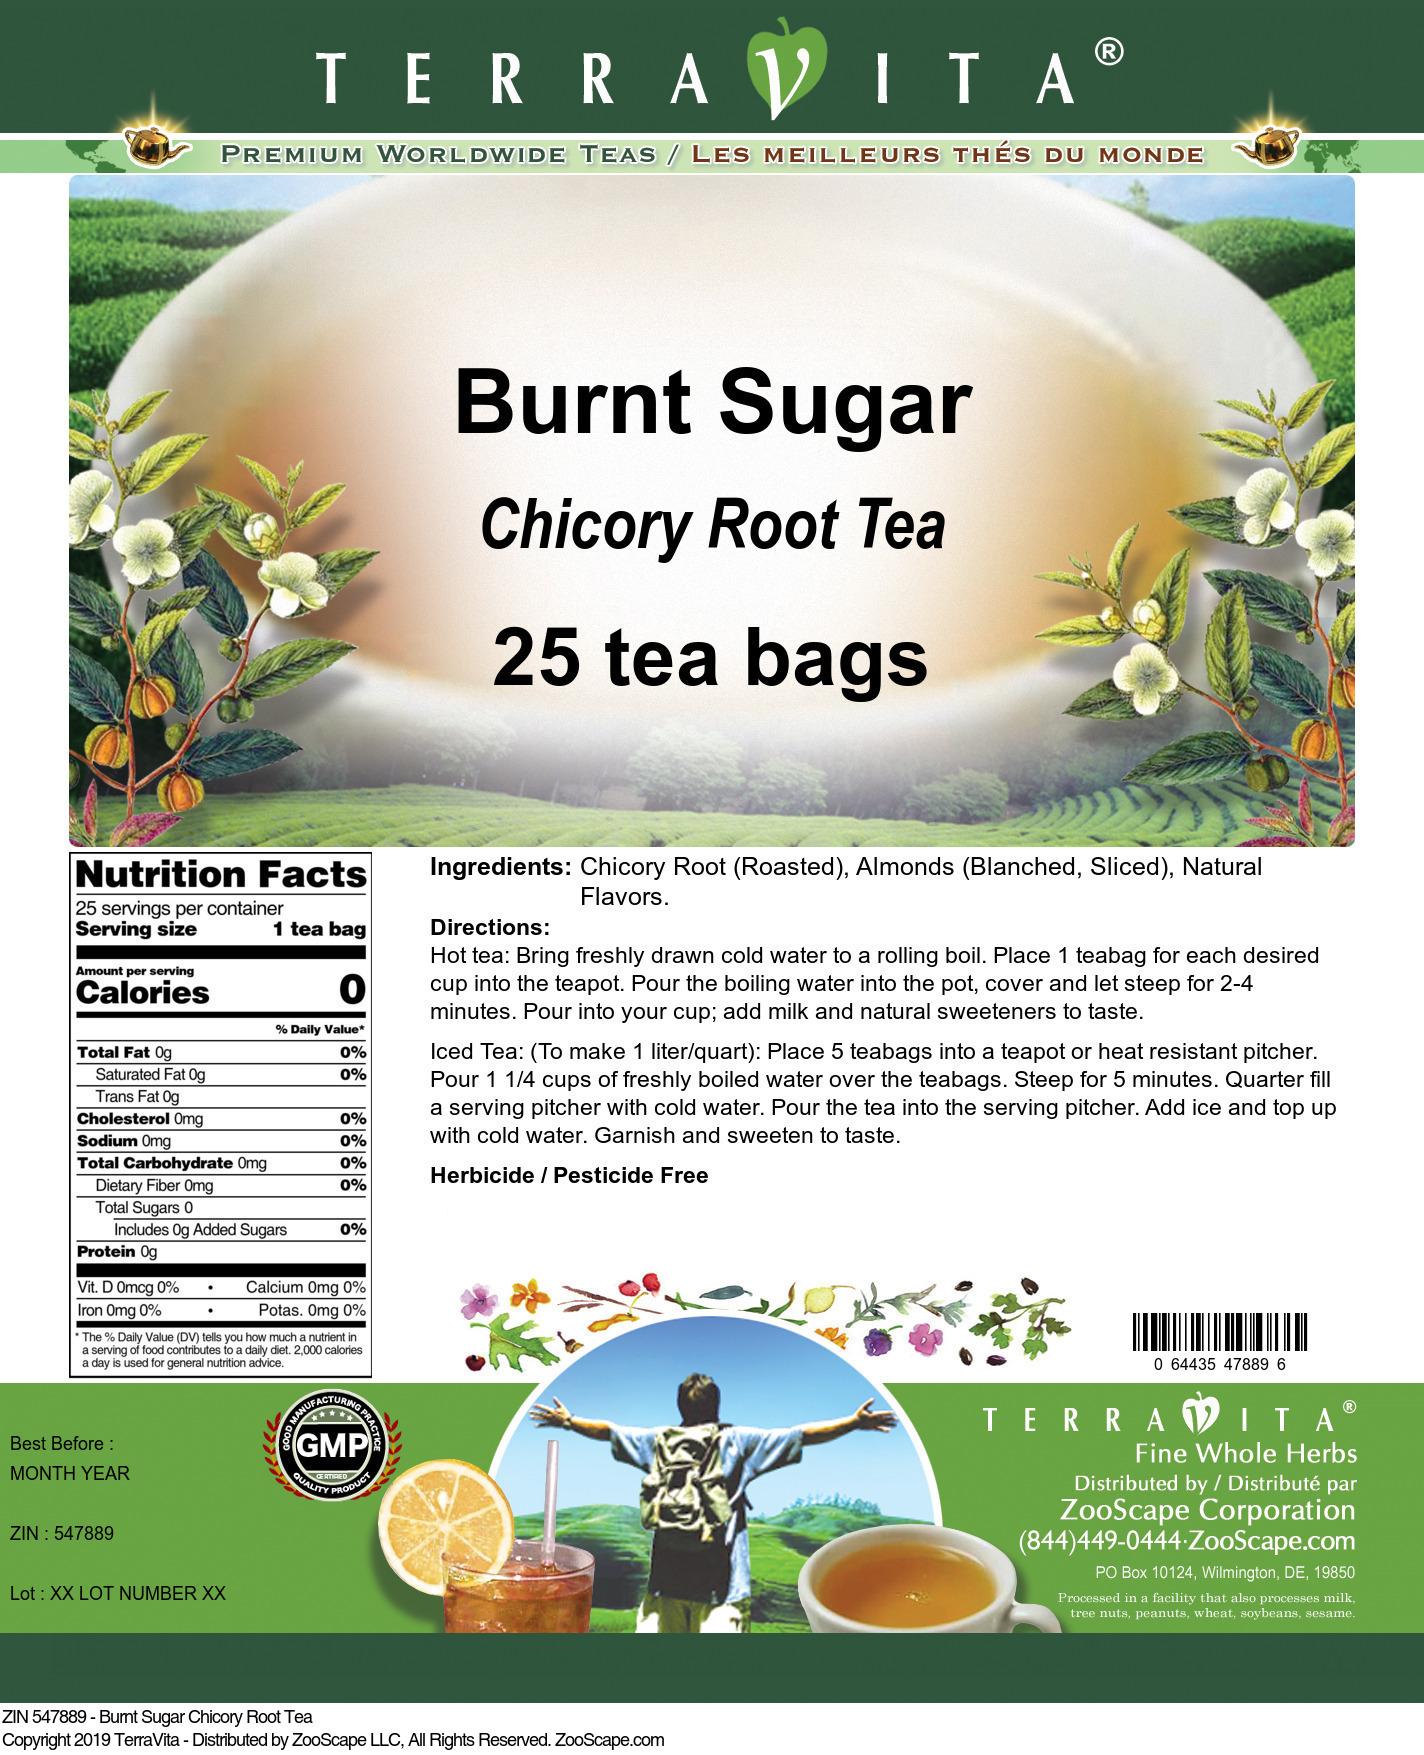 Burnt Sugar Chicory Root